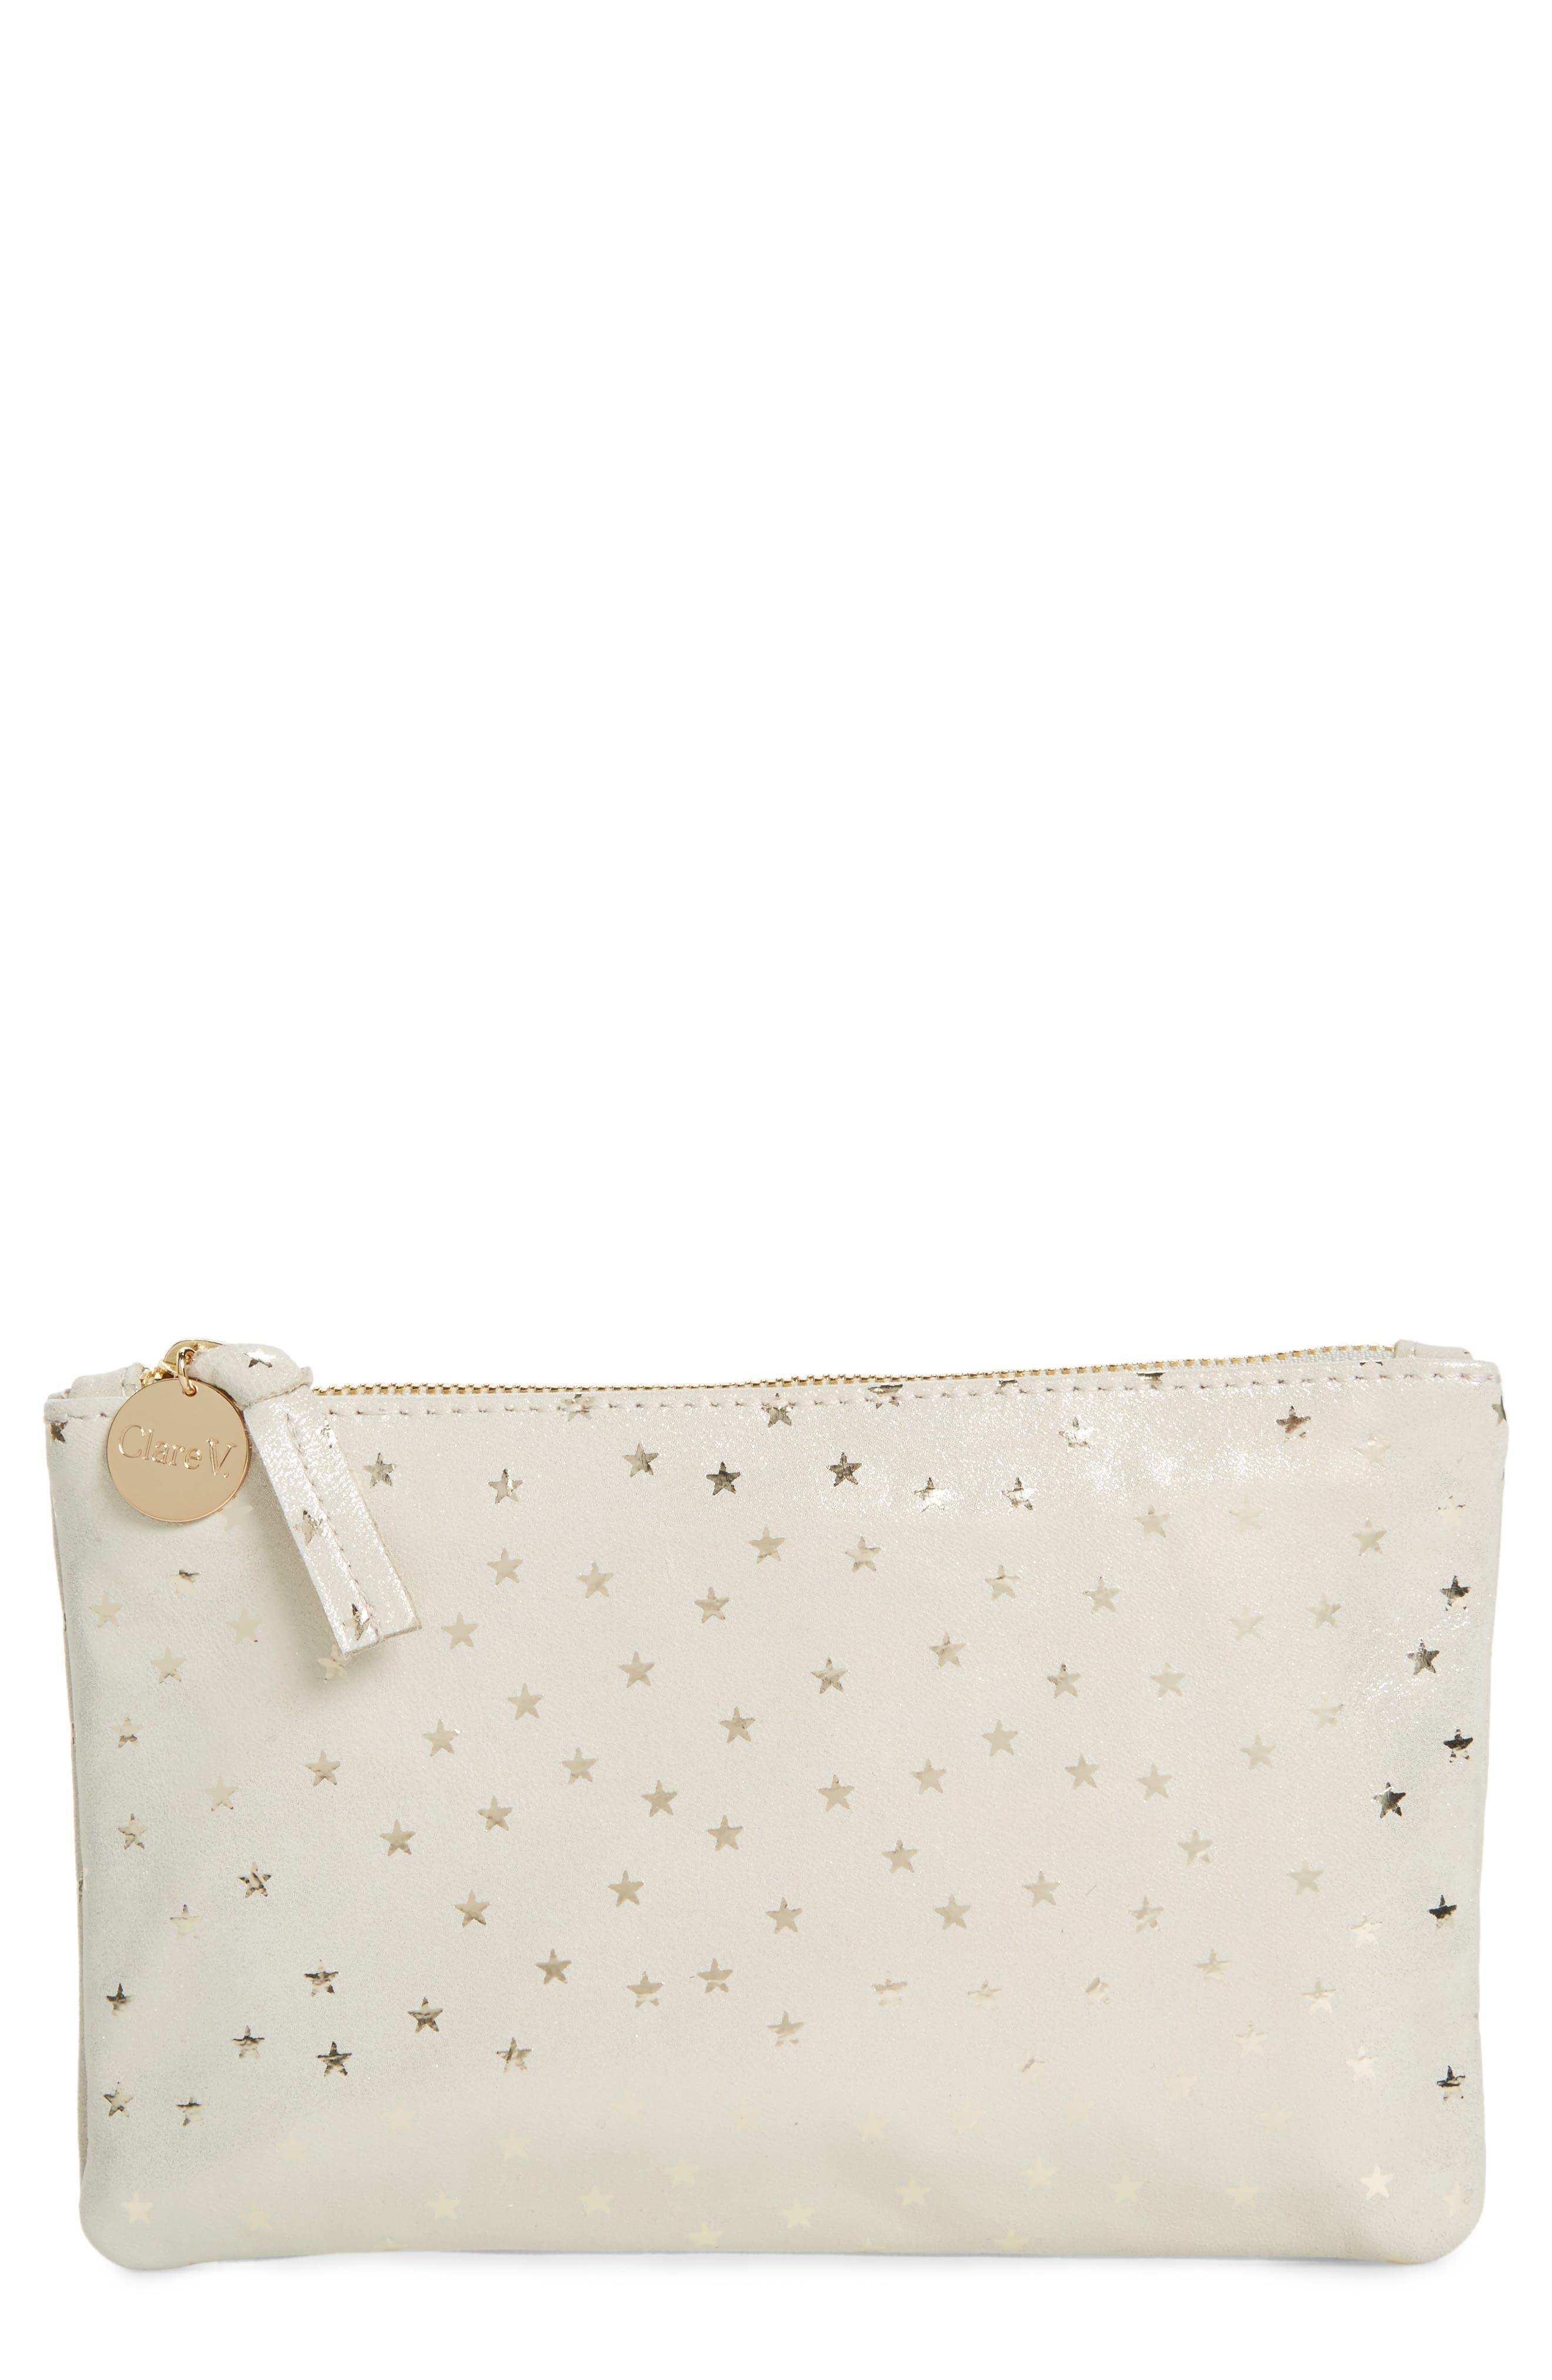 Main Image - Clare V. Supreme Star Shimmer Suede Wallet Clutch